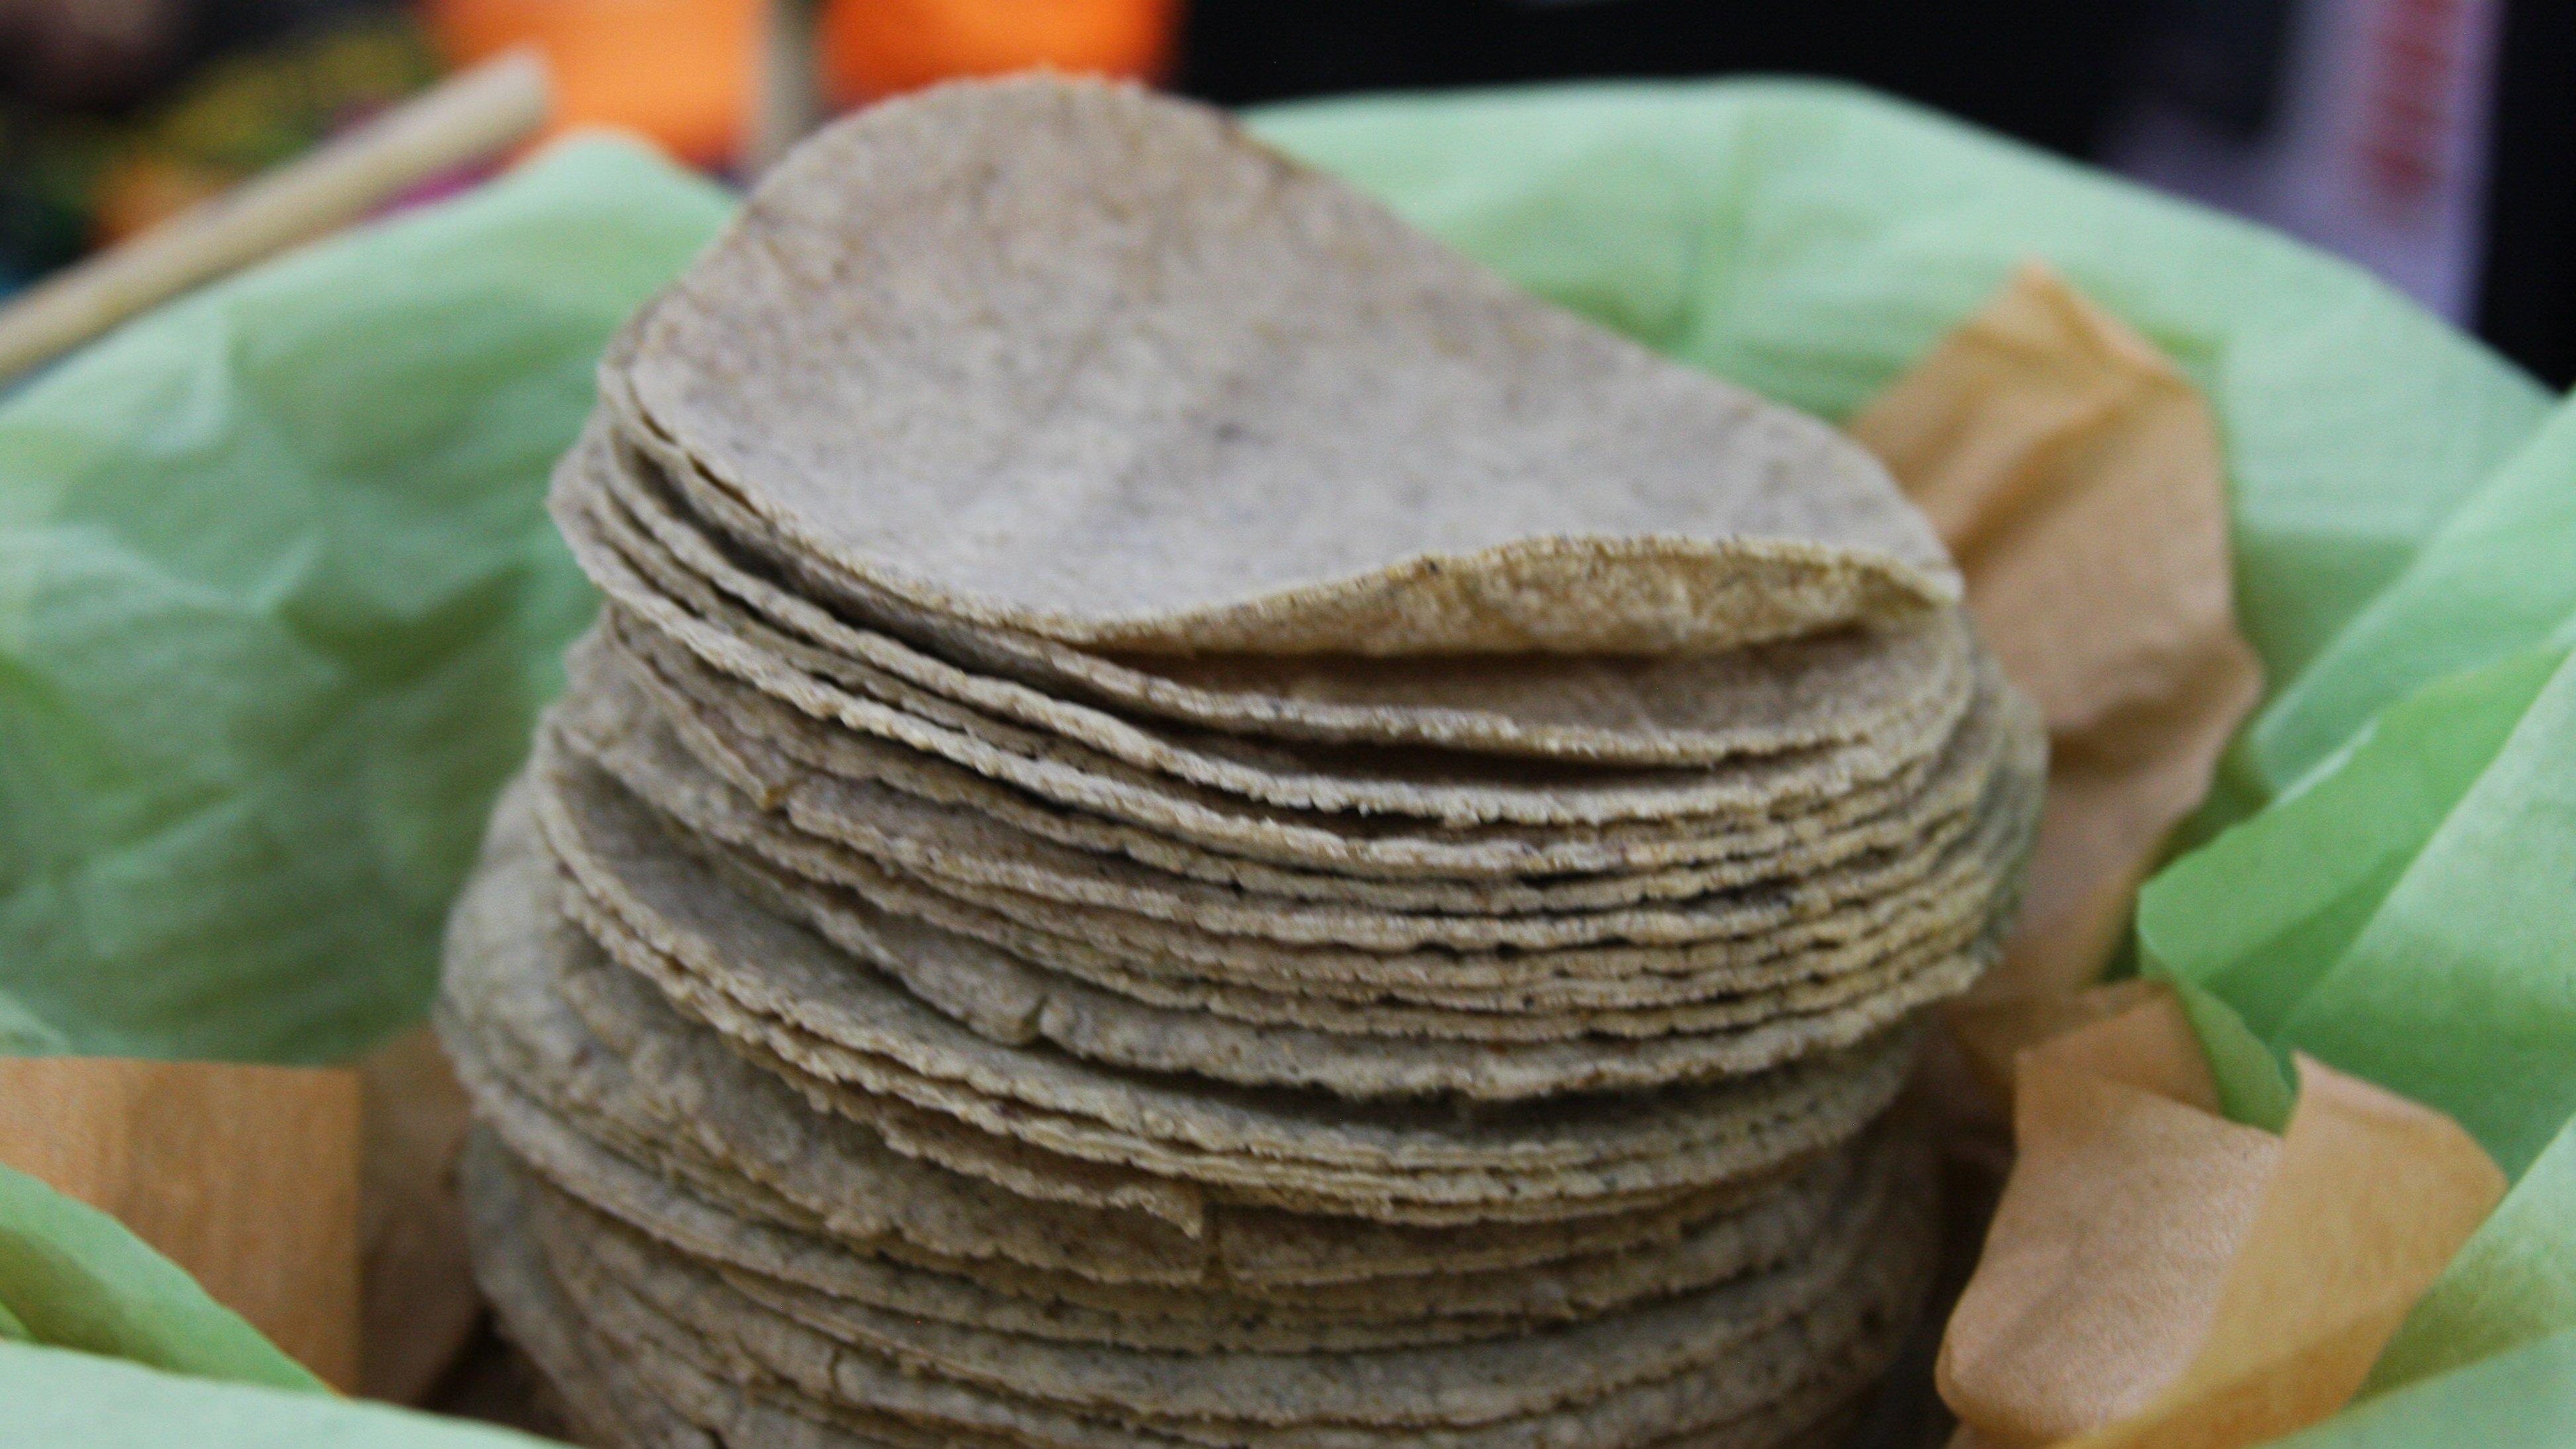 Alza a precio de tortillas enfrenta a productores y gobierno